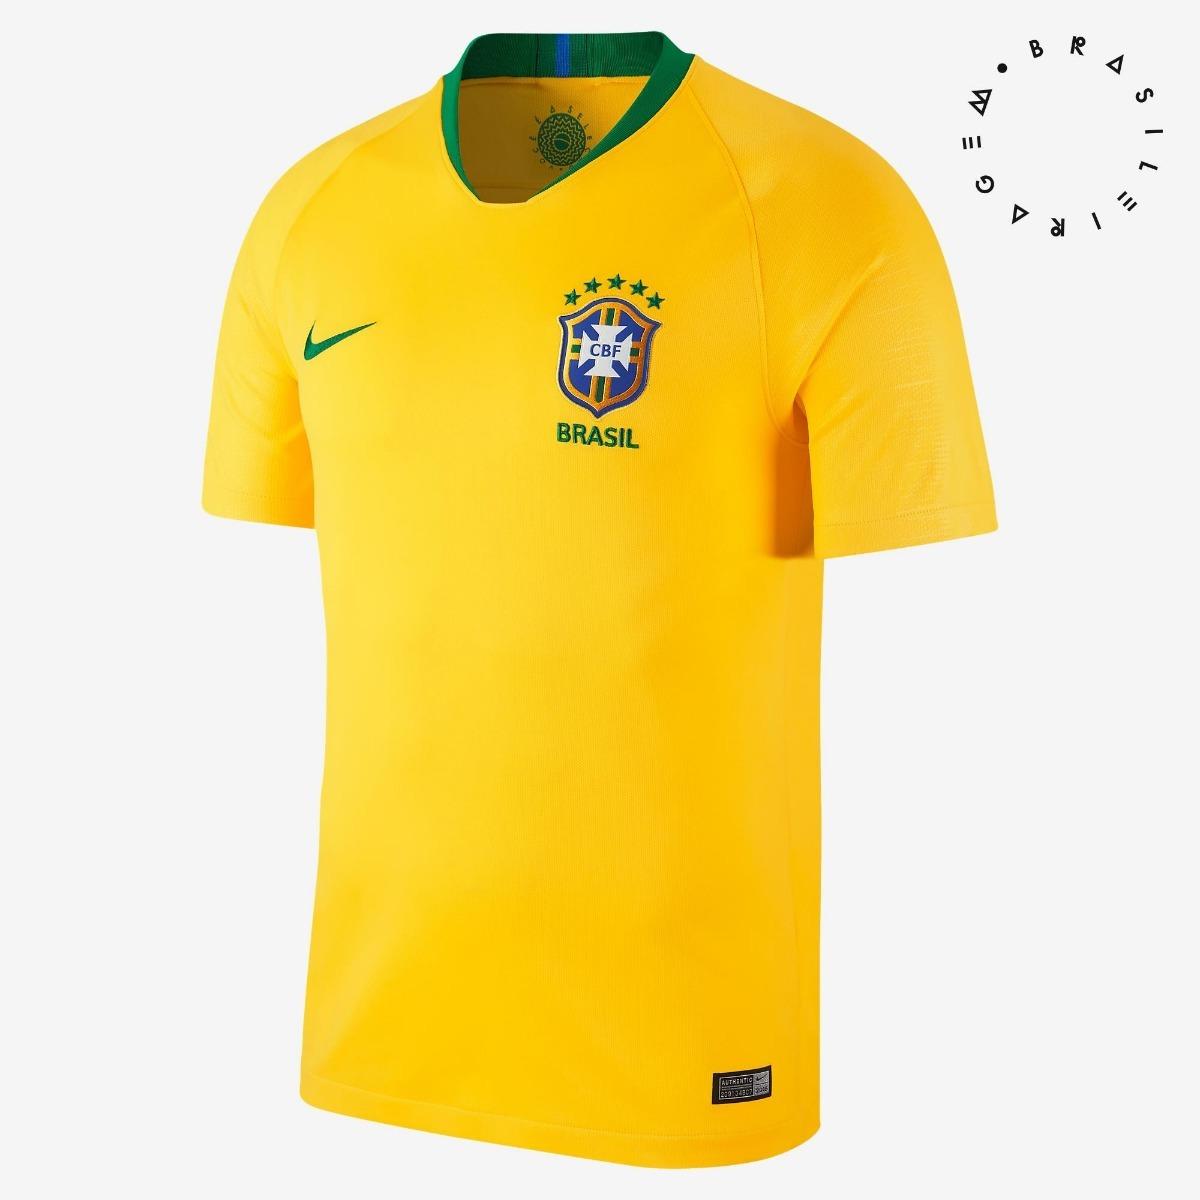 8afbdb2493a23 camisa seleção brasileira nike oficial original 2018 19 nfe. Carregando  zoom.